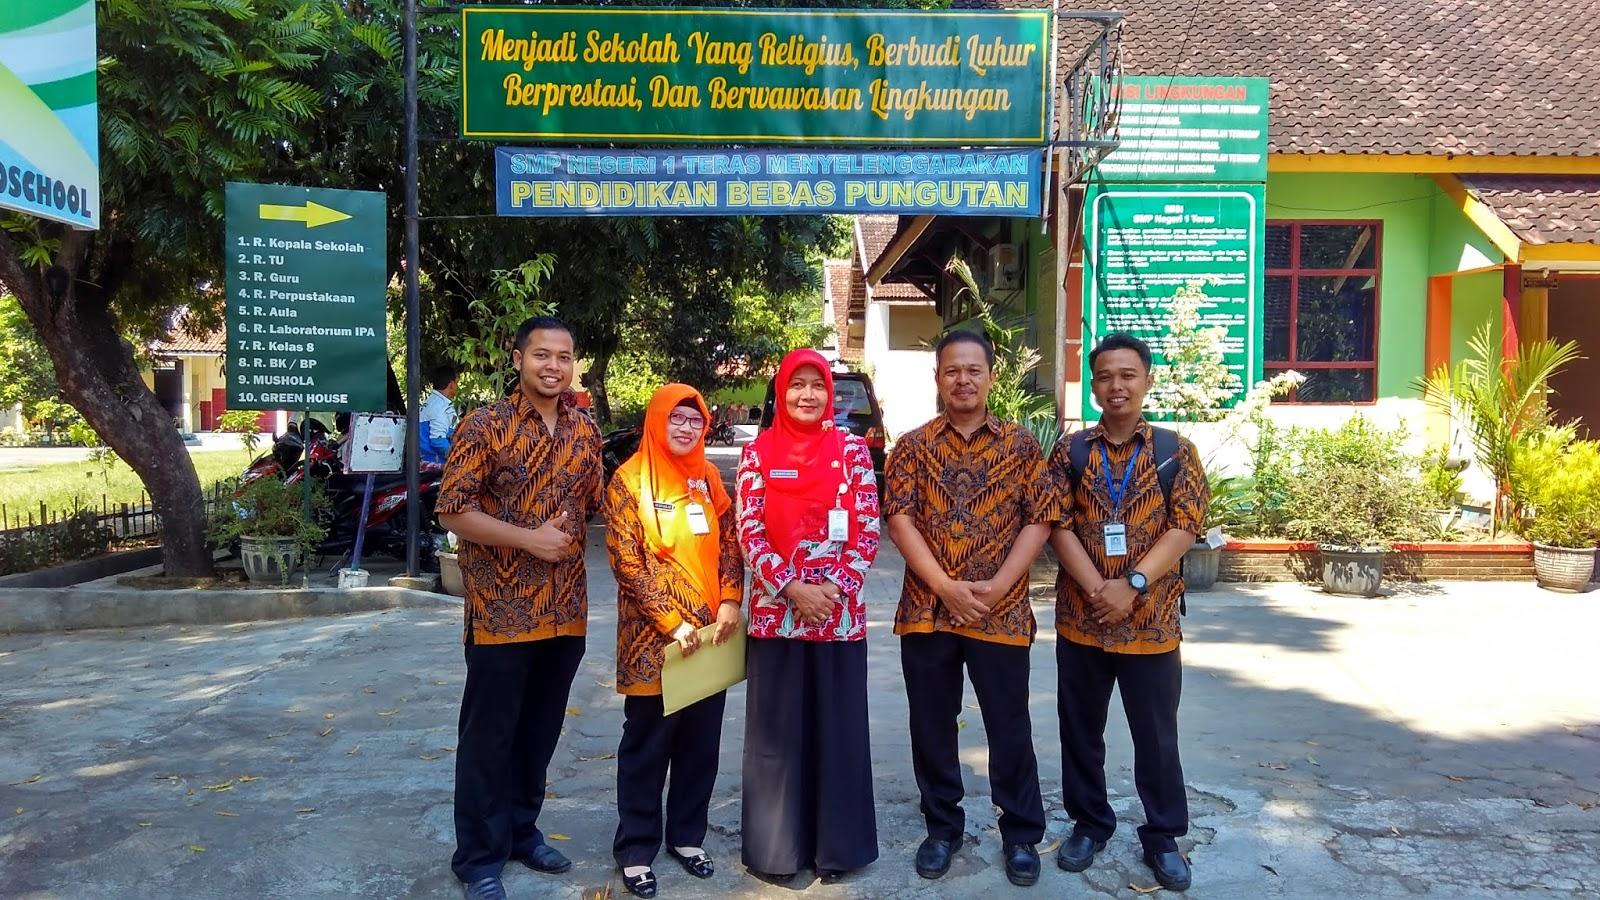 Rpp Pjj Bahasa Indonesia Kelas Xi Semester 1 Pertemuan Ke 3 Materi Simpulan Isi Teks Prosedur Zuhri Indonesia